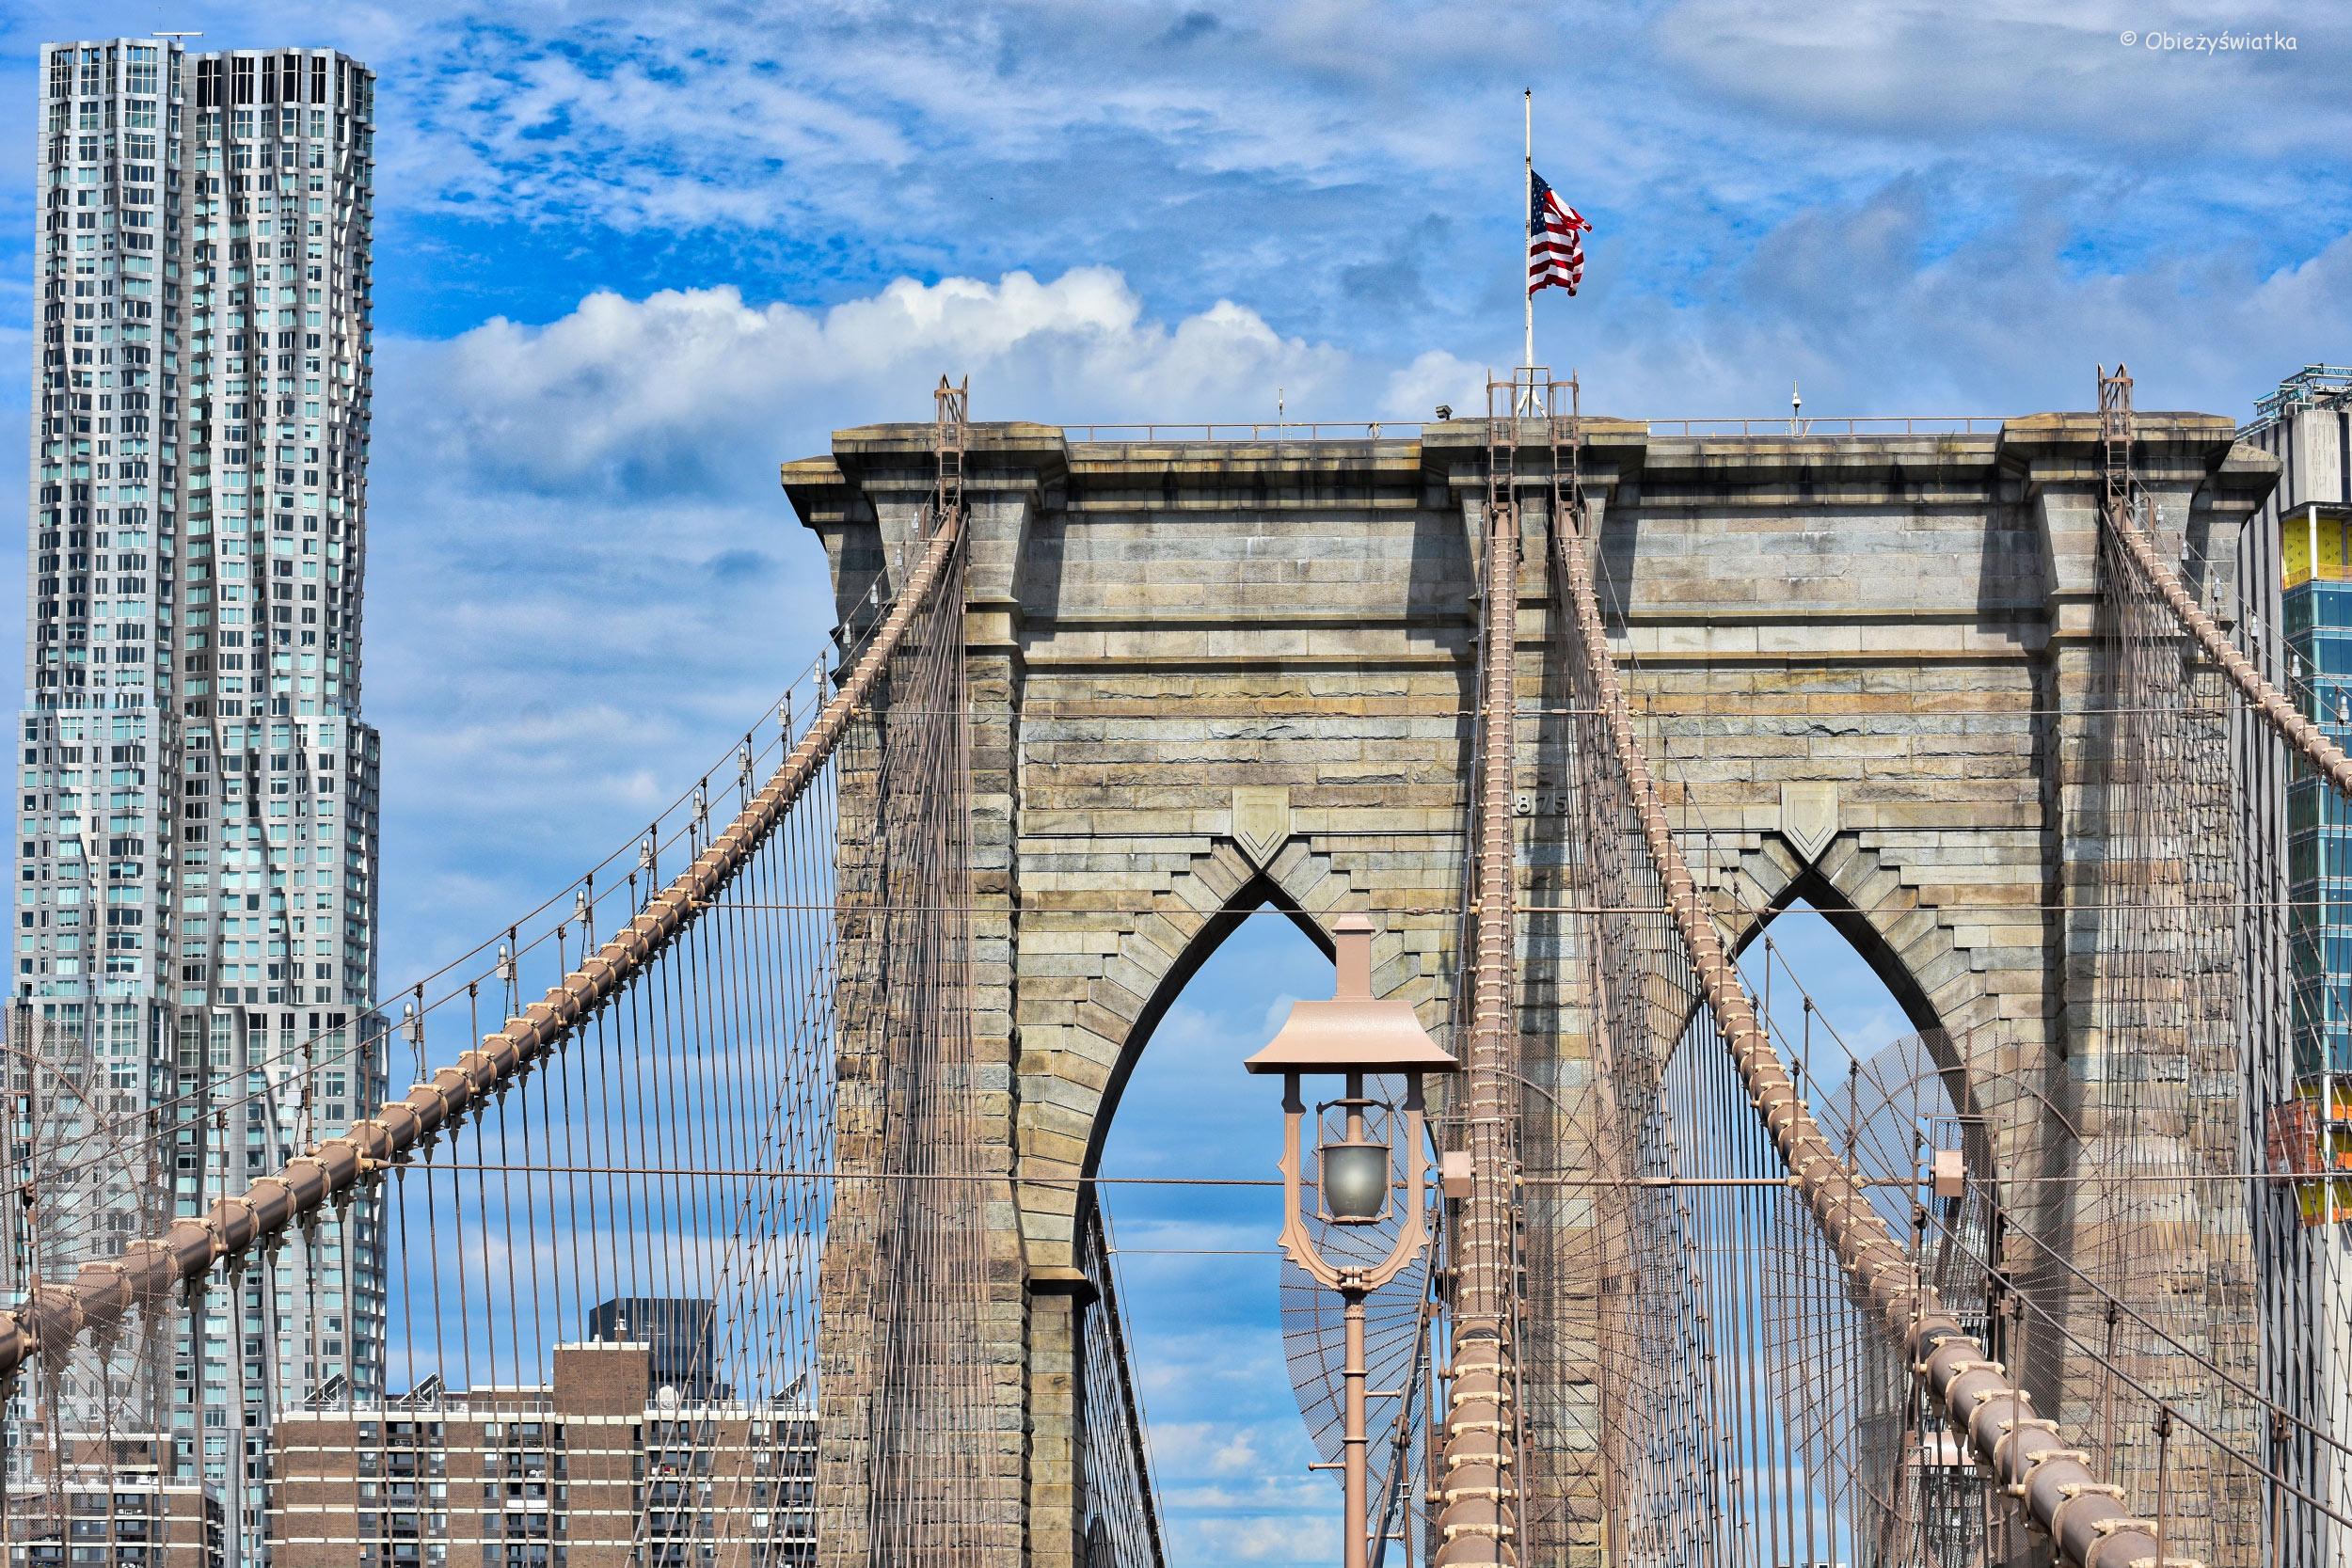 Brooklyn Bridge i charakterystyczna Beekman Tower/8 Spruce Street - wieżowiec zaprojektowany przez Franka Gehry'ego